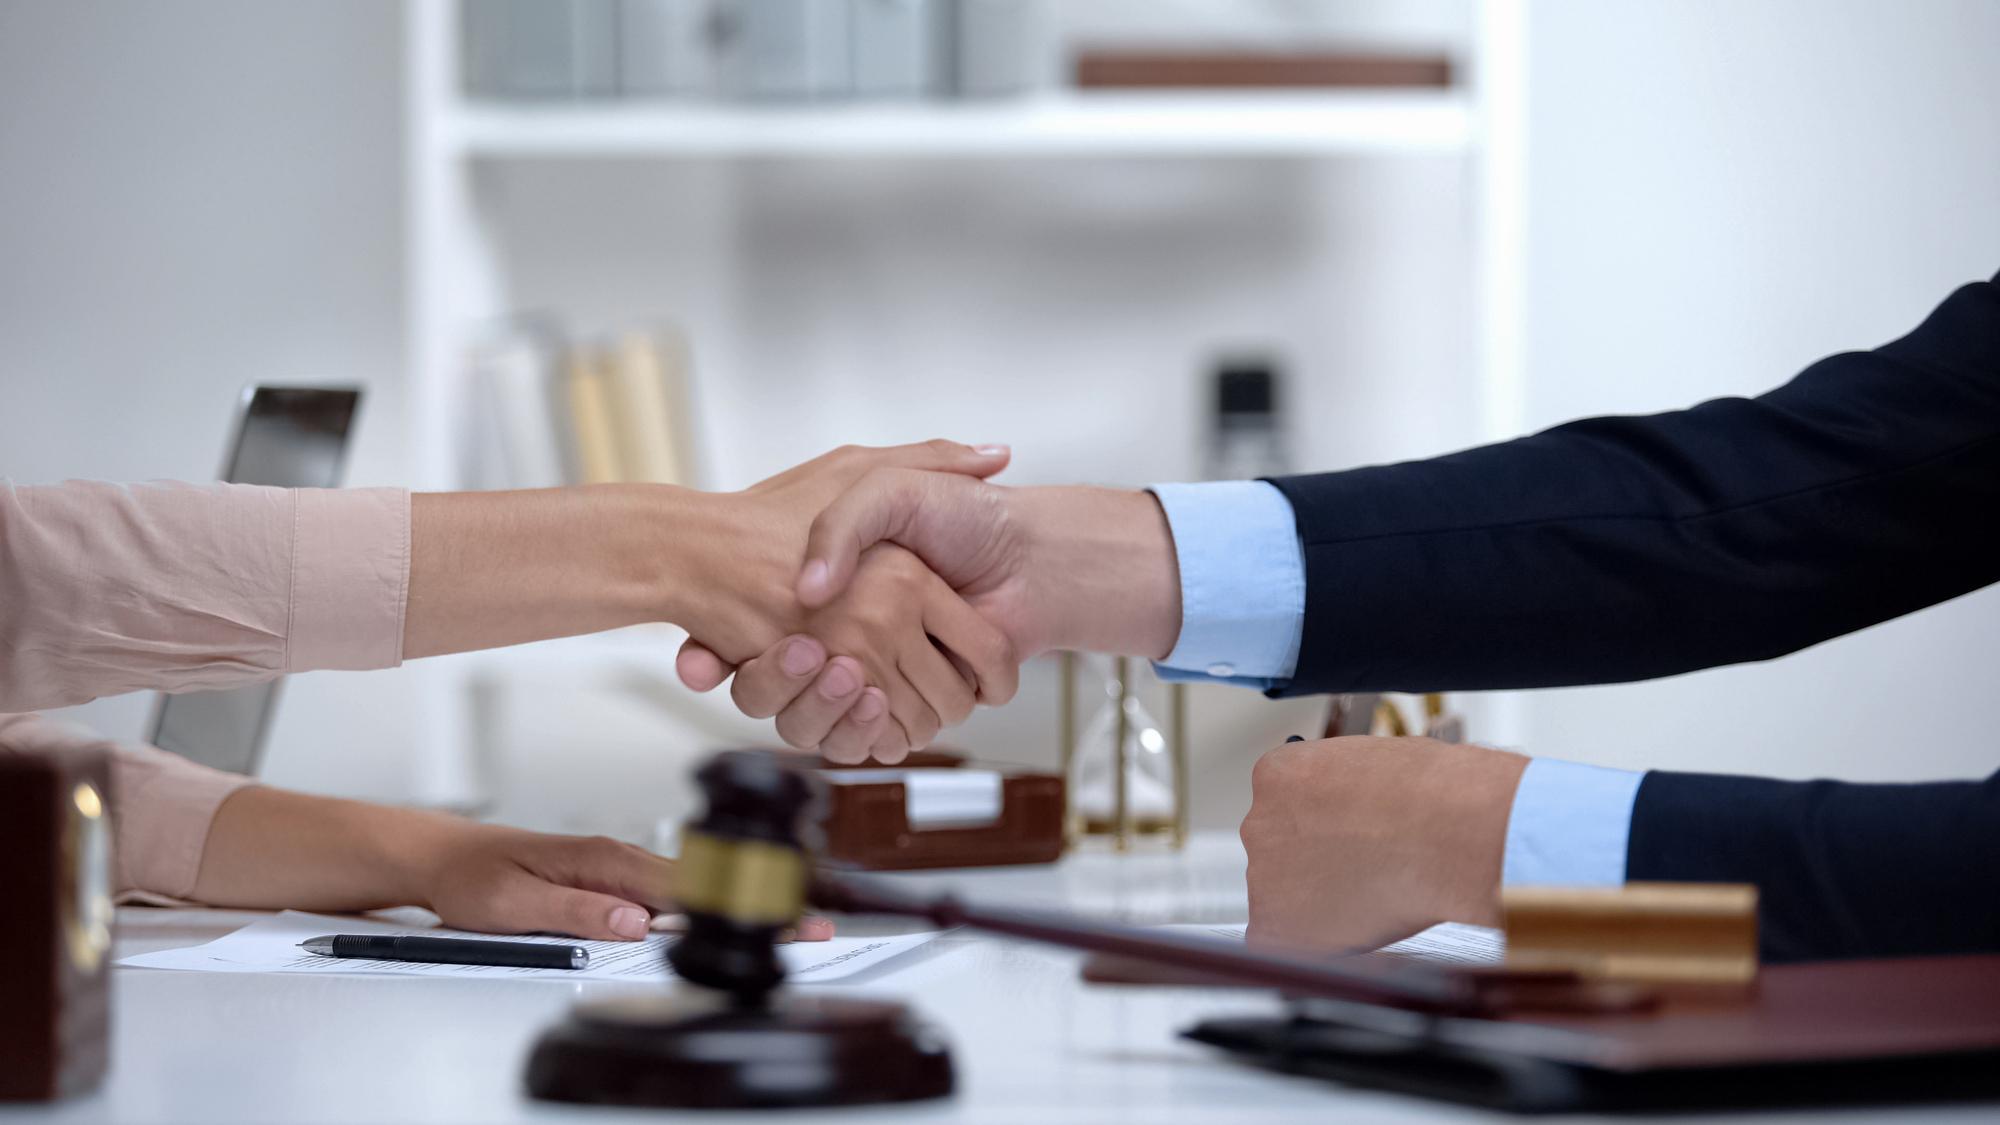 Estas son algunas de las maneras para obtener ayuda legal gratuita